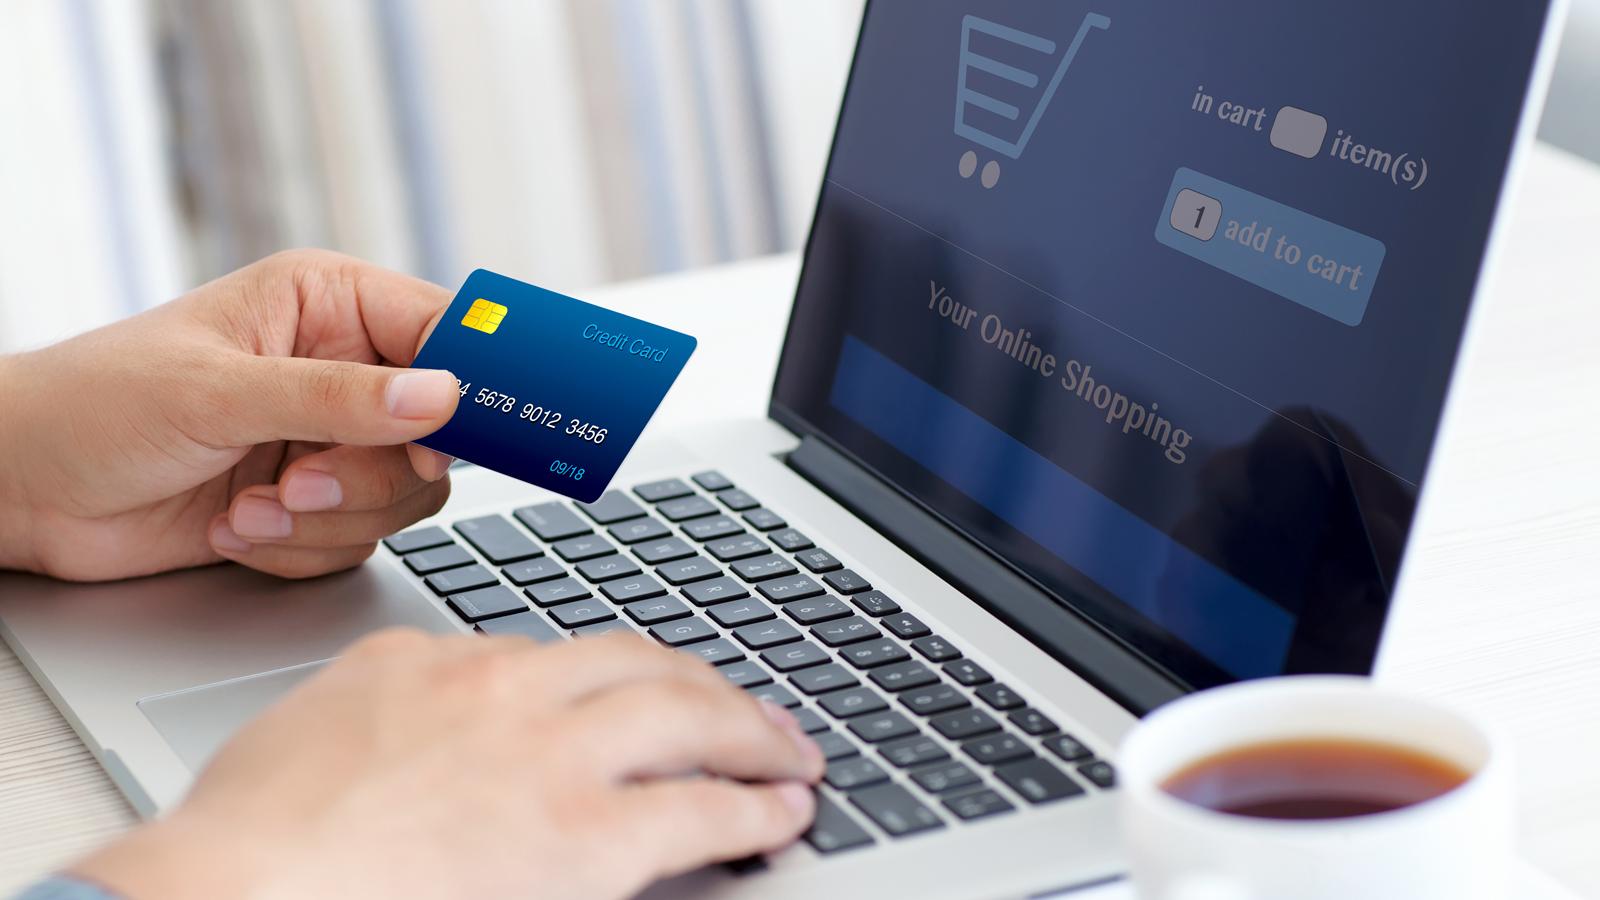 5fbecc8a7 Fraude o cierre de tienda online